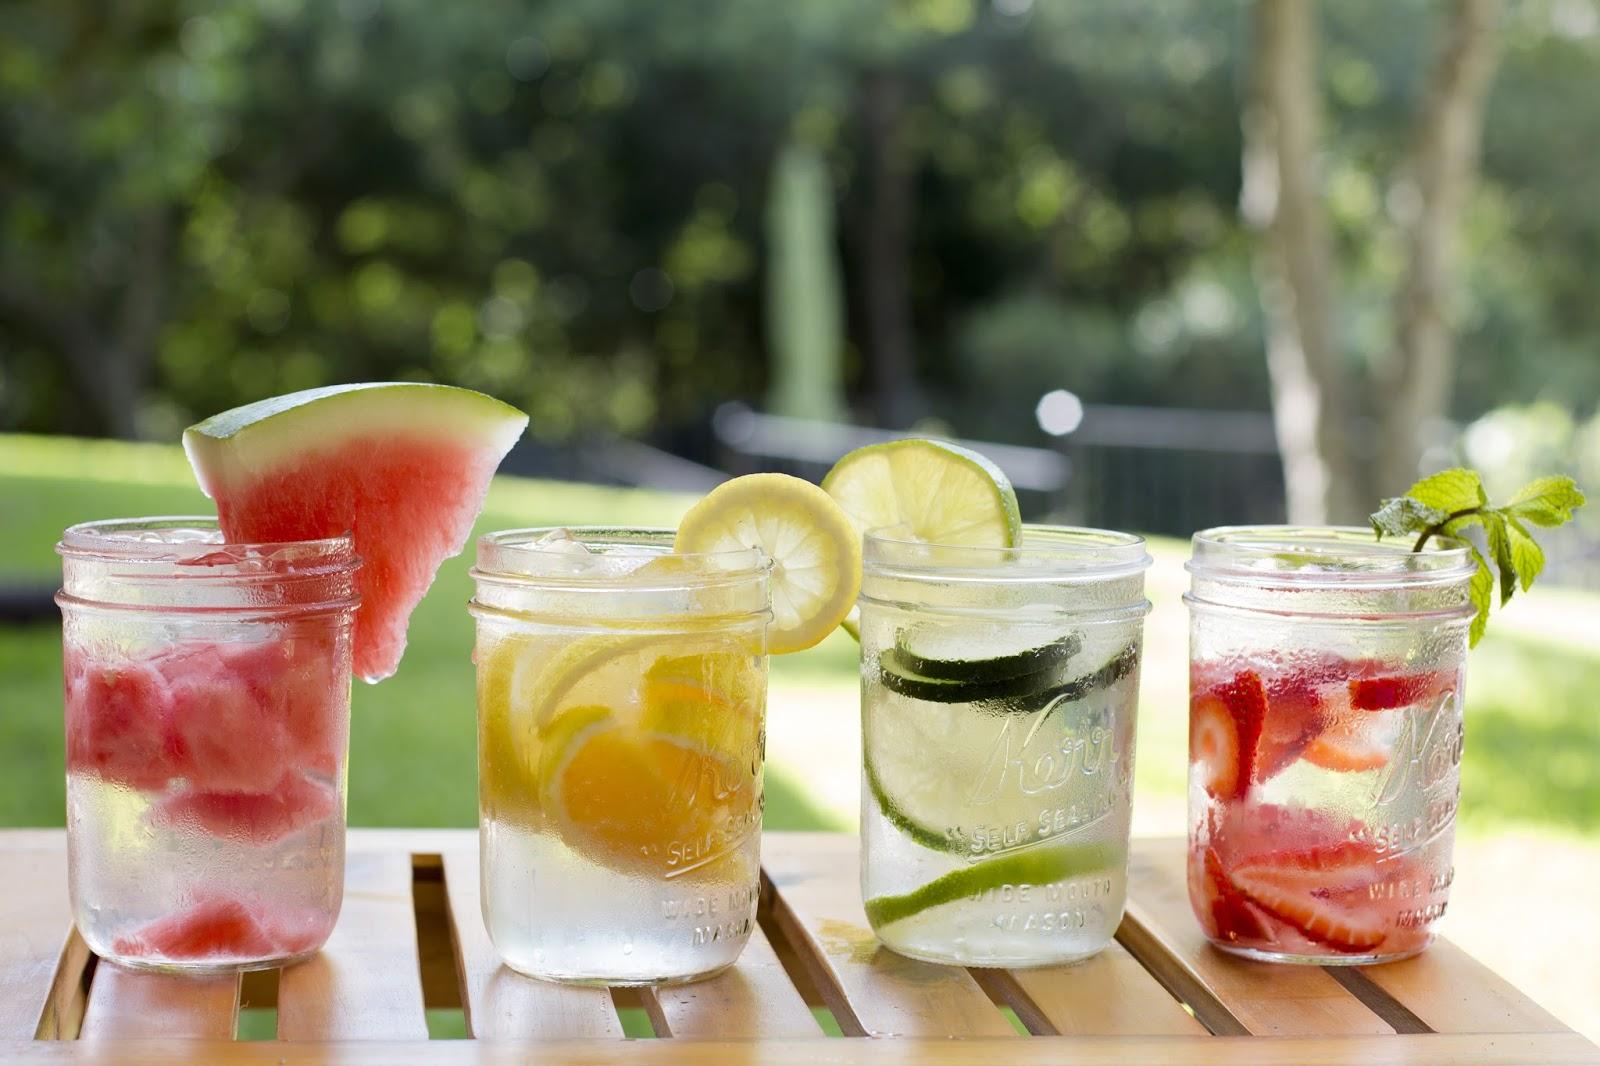 Fruit pieces in water jars